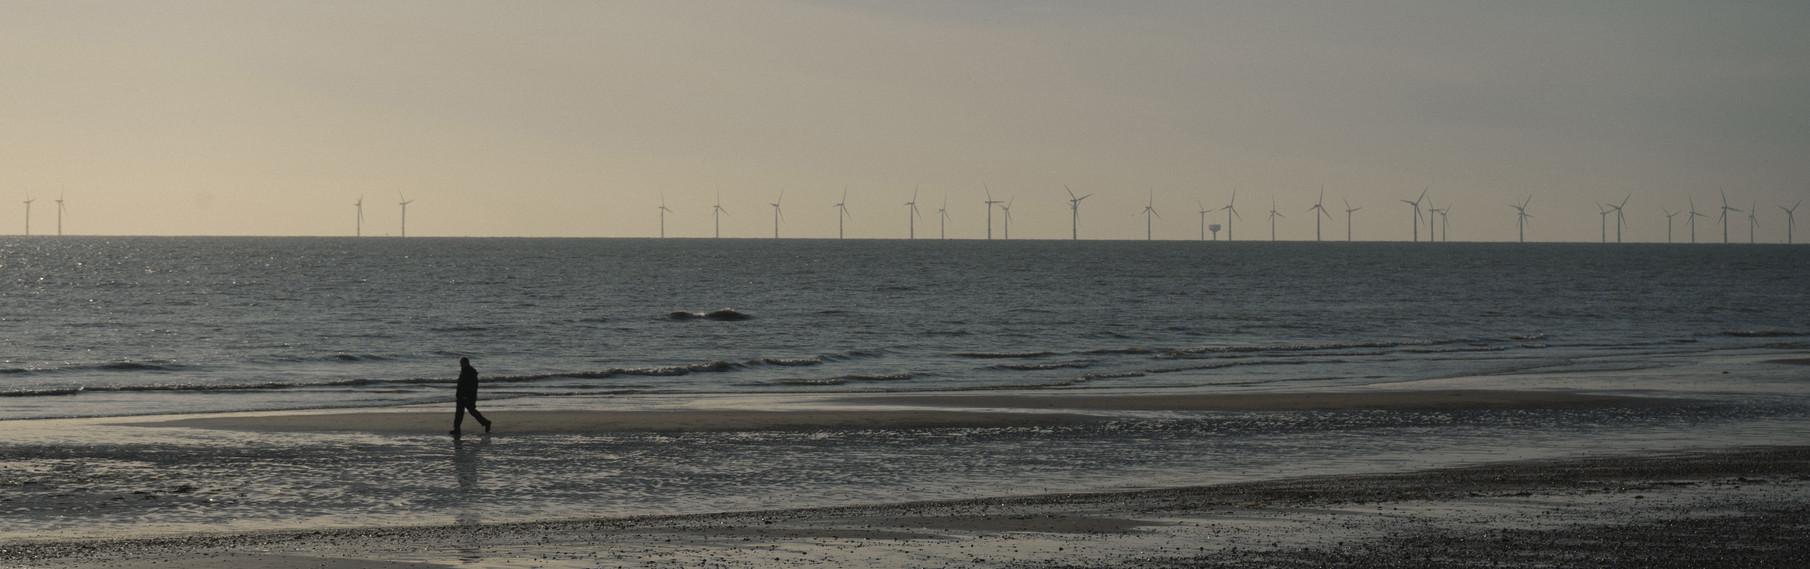 Beach 002